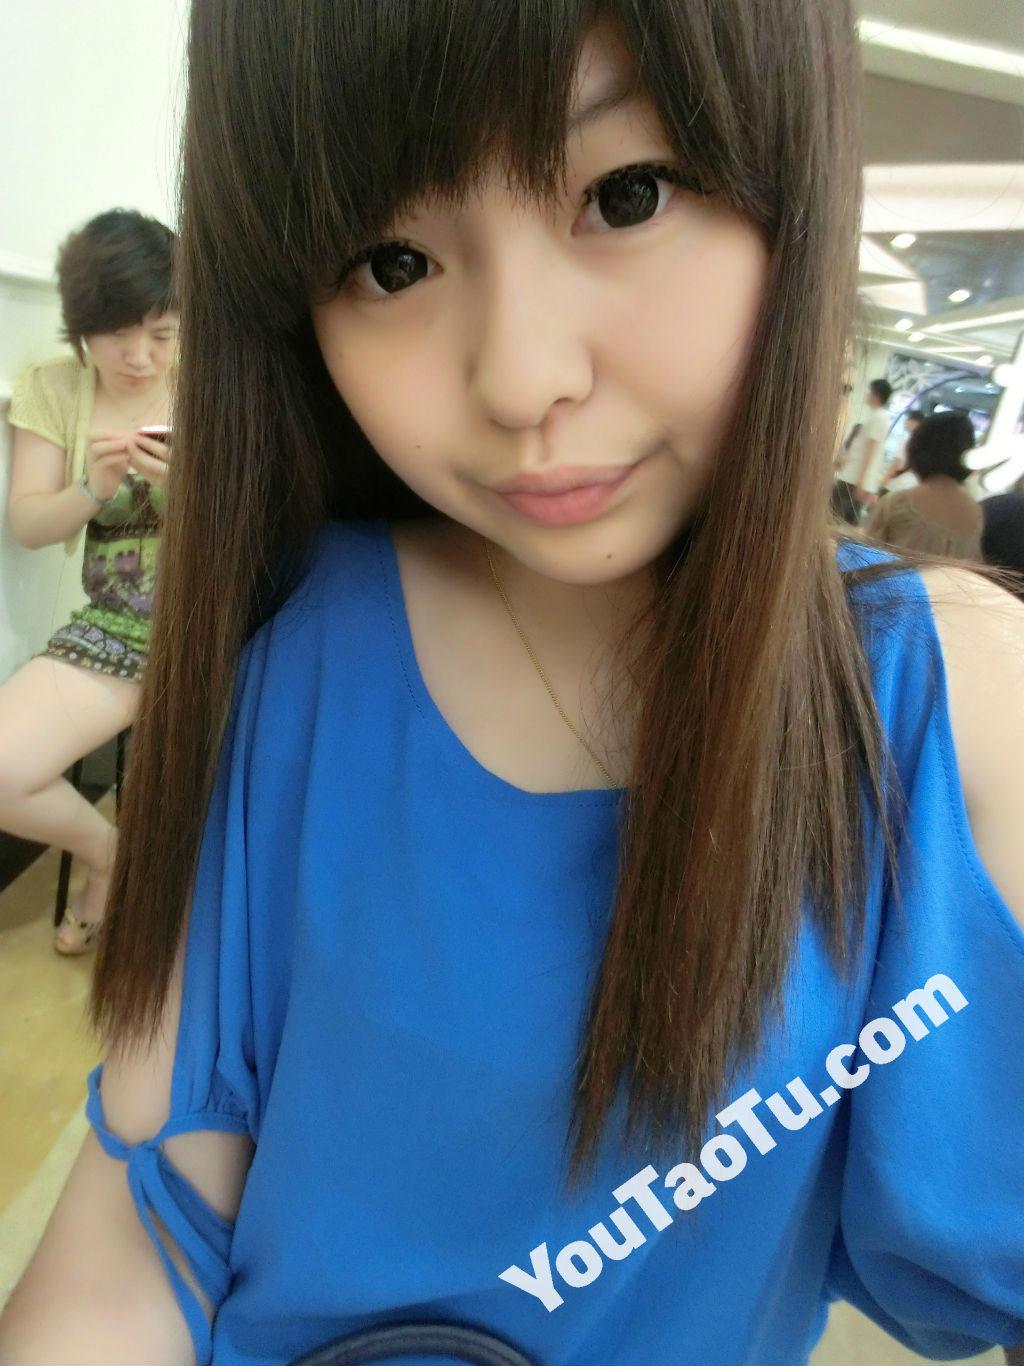 KK63_801张图 护士生活照可爱美女高清形象照-3